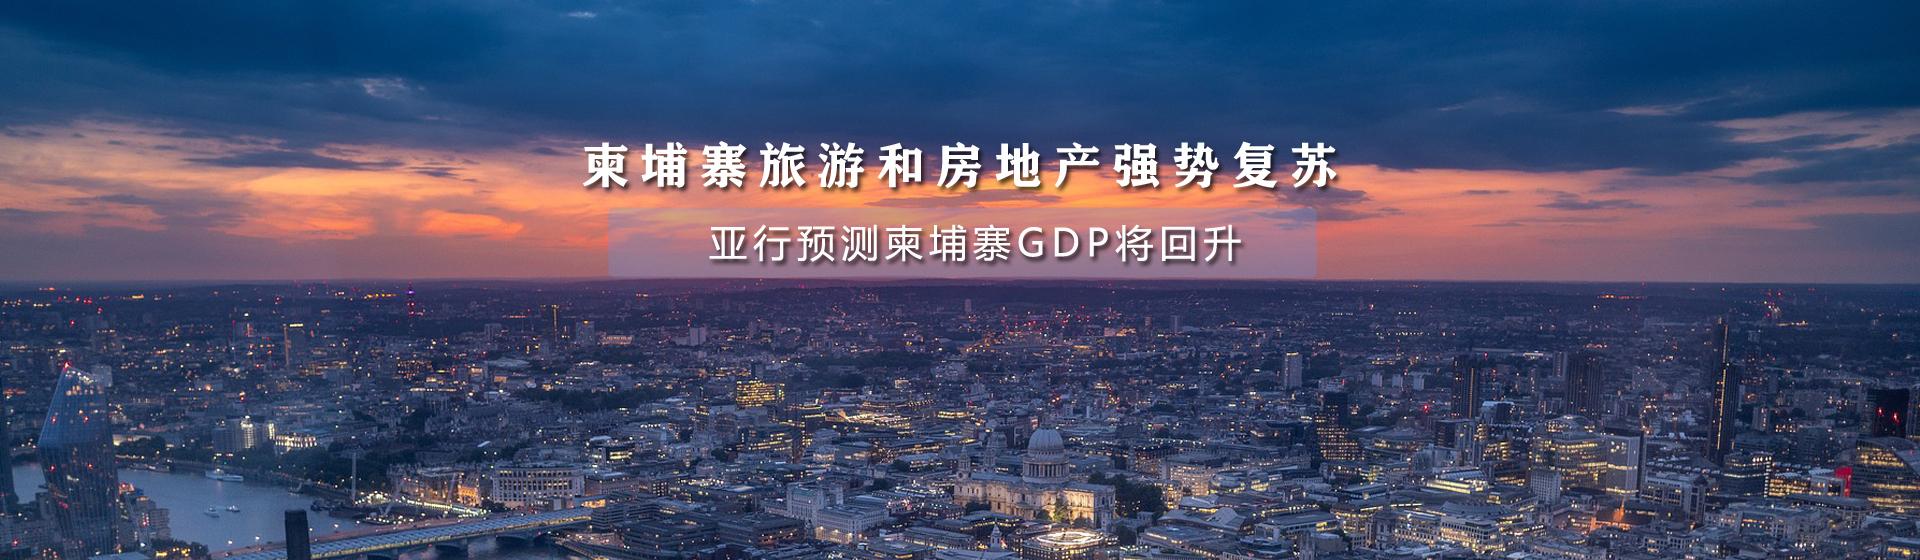 亚行预测PC端顶部banner中文